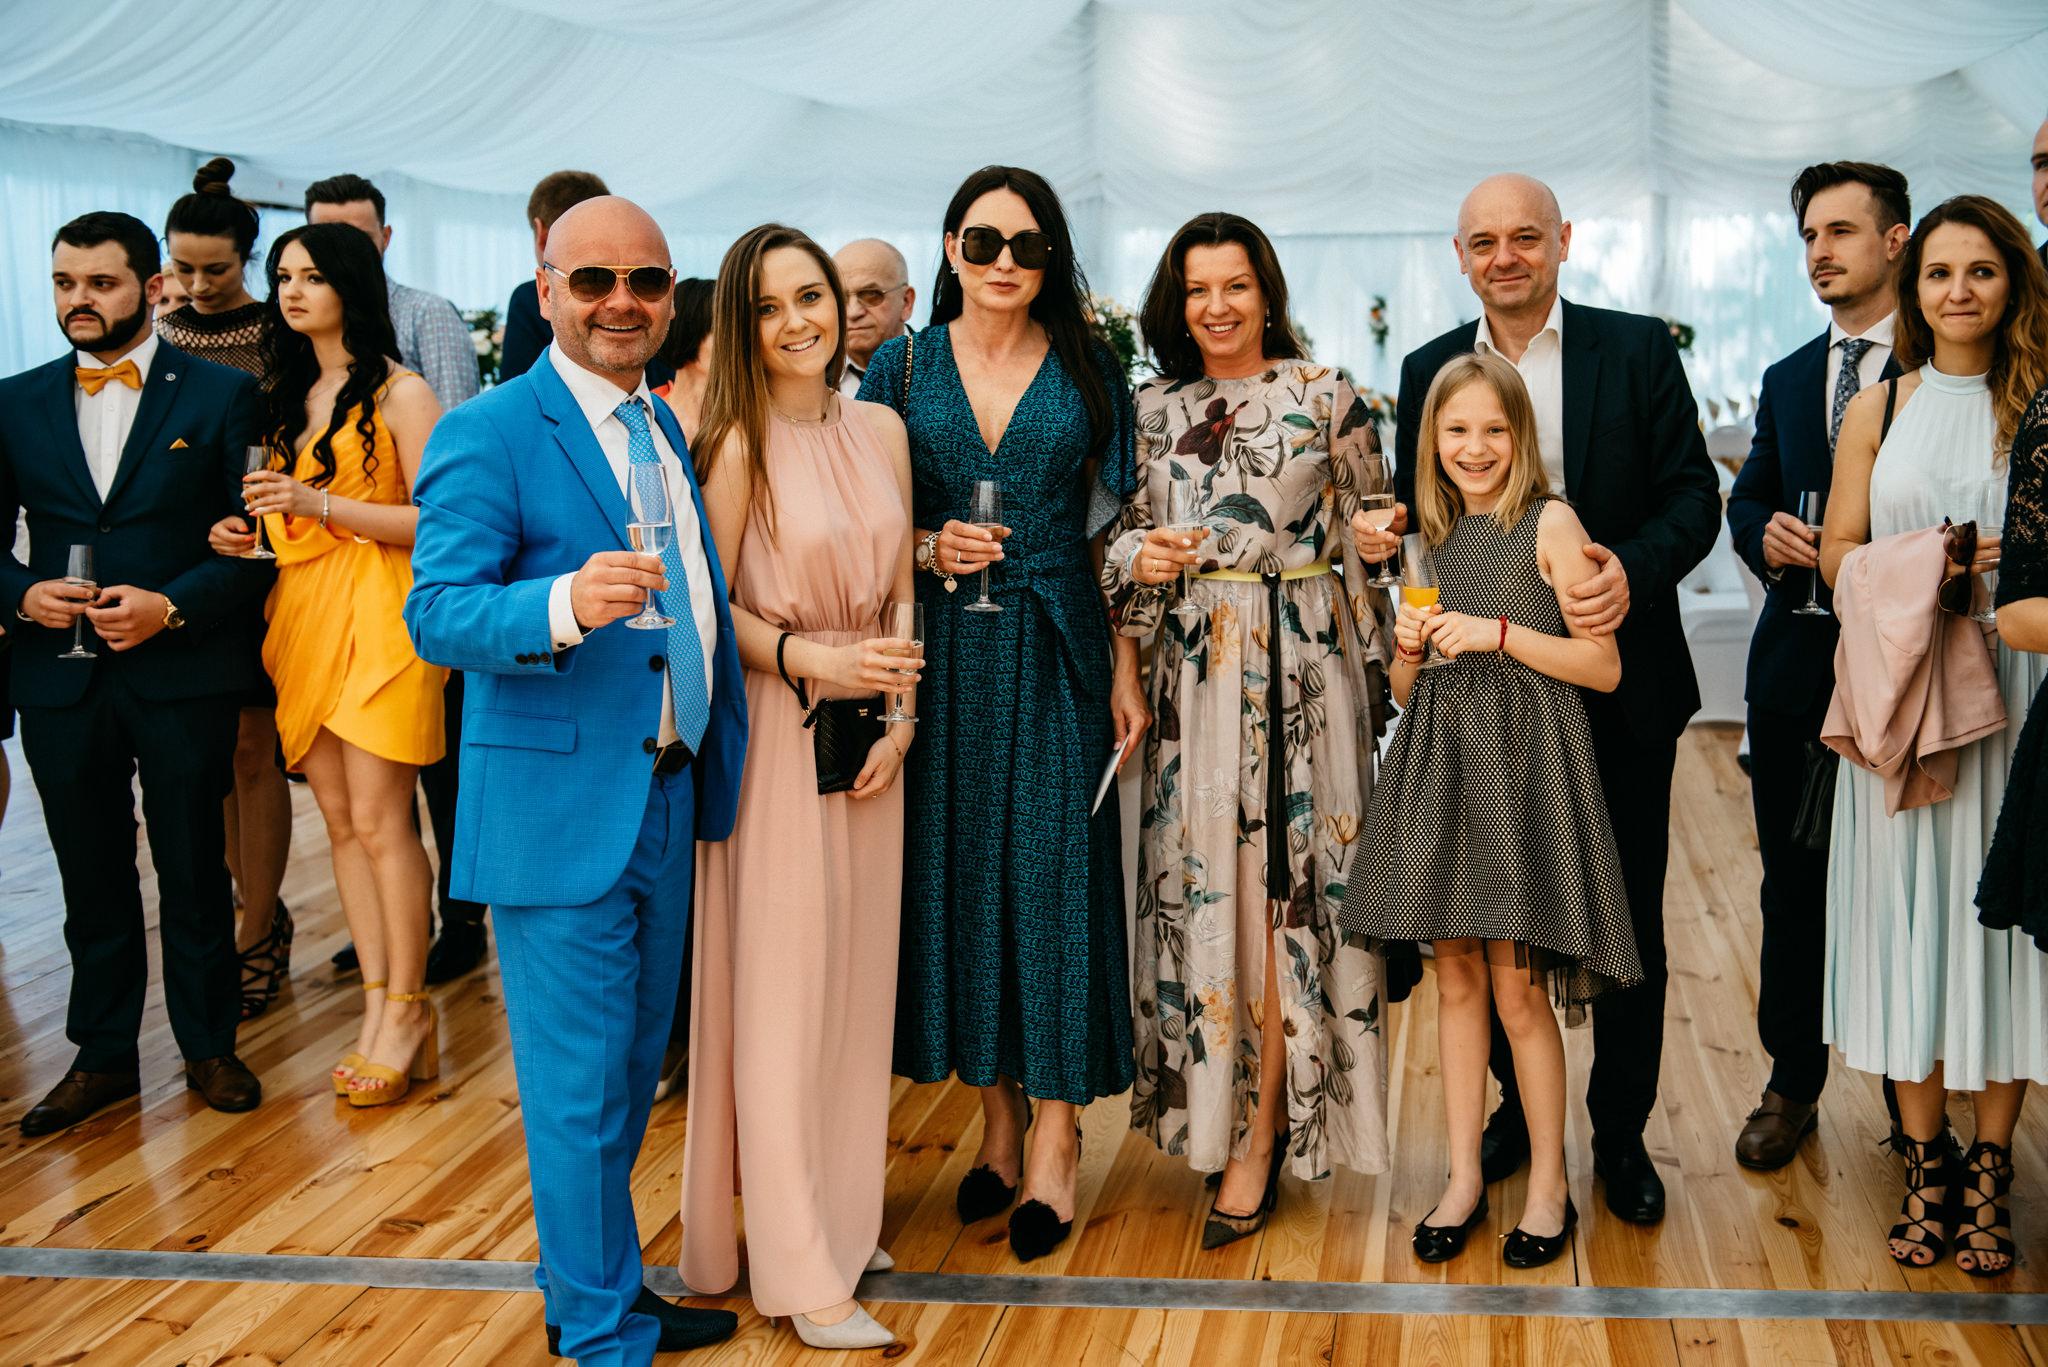 Plenerowe wesele w namiocie Ani i Maćka   Pałac w Olszanicy 57